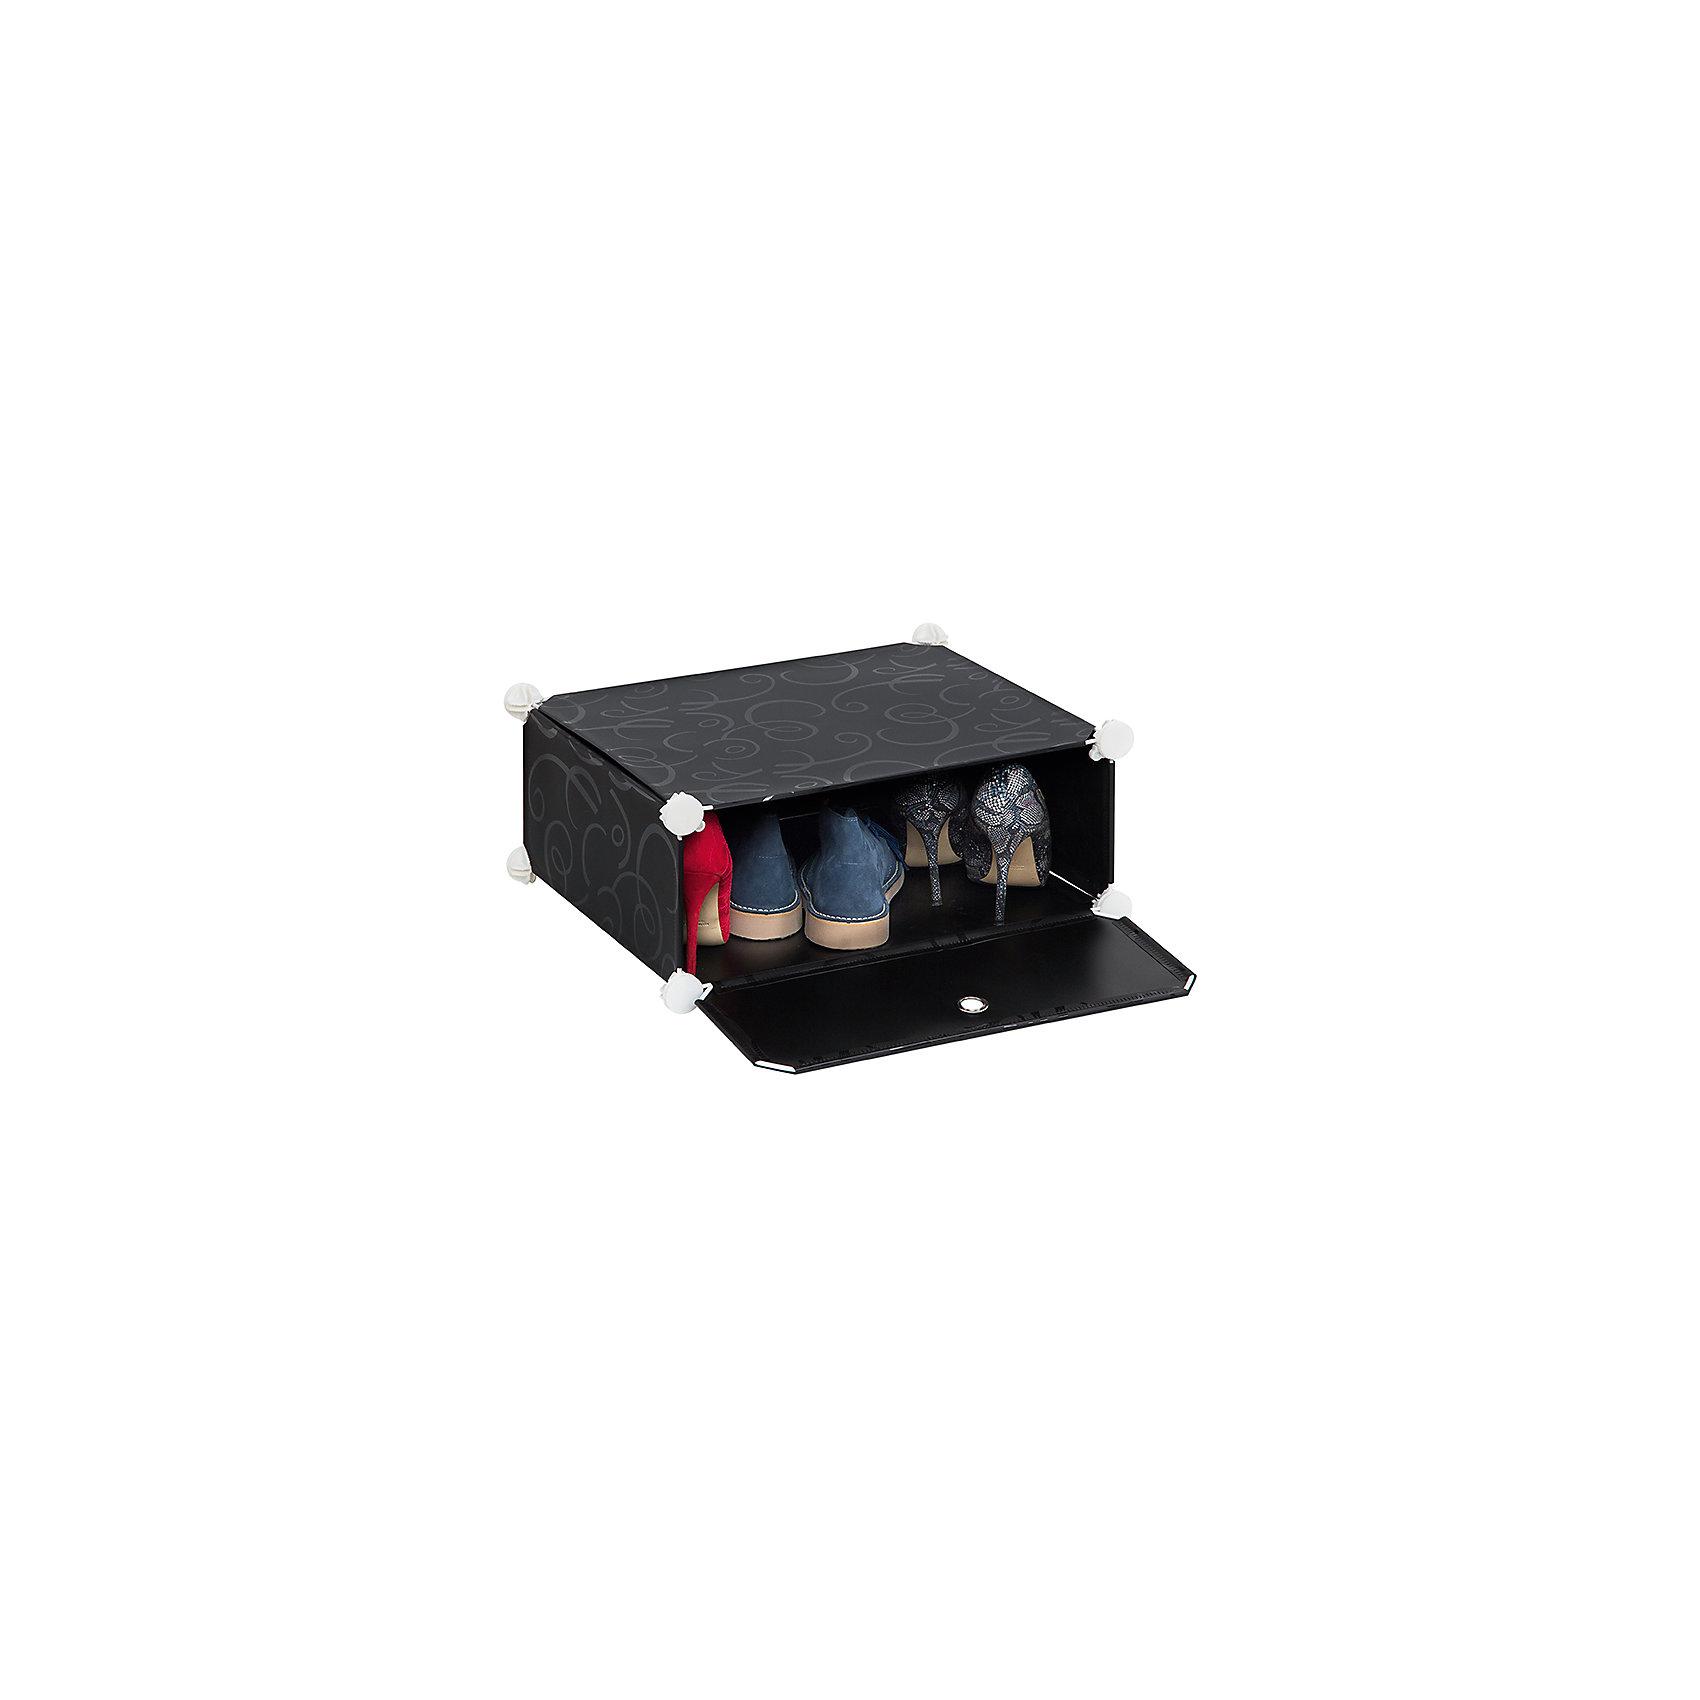 Полка складная для модульного системы хранения 49*37*21 см. Черная с узором, EL CasaПорядок в детской<br>Модульный стеллаж предназначен  для храненияодежды, мелочей и игрушек, легкий, вместительный, быстро собирается, не занимает много места,  имеет разные варианты сборки, комбинируется с другими полками  модульных систем бренда EL Casa. Полка состоит из сборного металлического каркаса, на который натянуты панели из полипропилена. Дверца на магните, ручка в виде отверстия.<br><br>Ширина мм: 490<br>Глубина мм: 370<br>Высота мм: 52<br>Вес г: 3000<br>Возраст от месяцев: 0<br>Возраст до месяцев: 1188<br>Пол: Унисекс<br>Возраст: Детский<br>SKU: 6668790